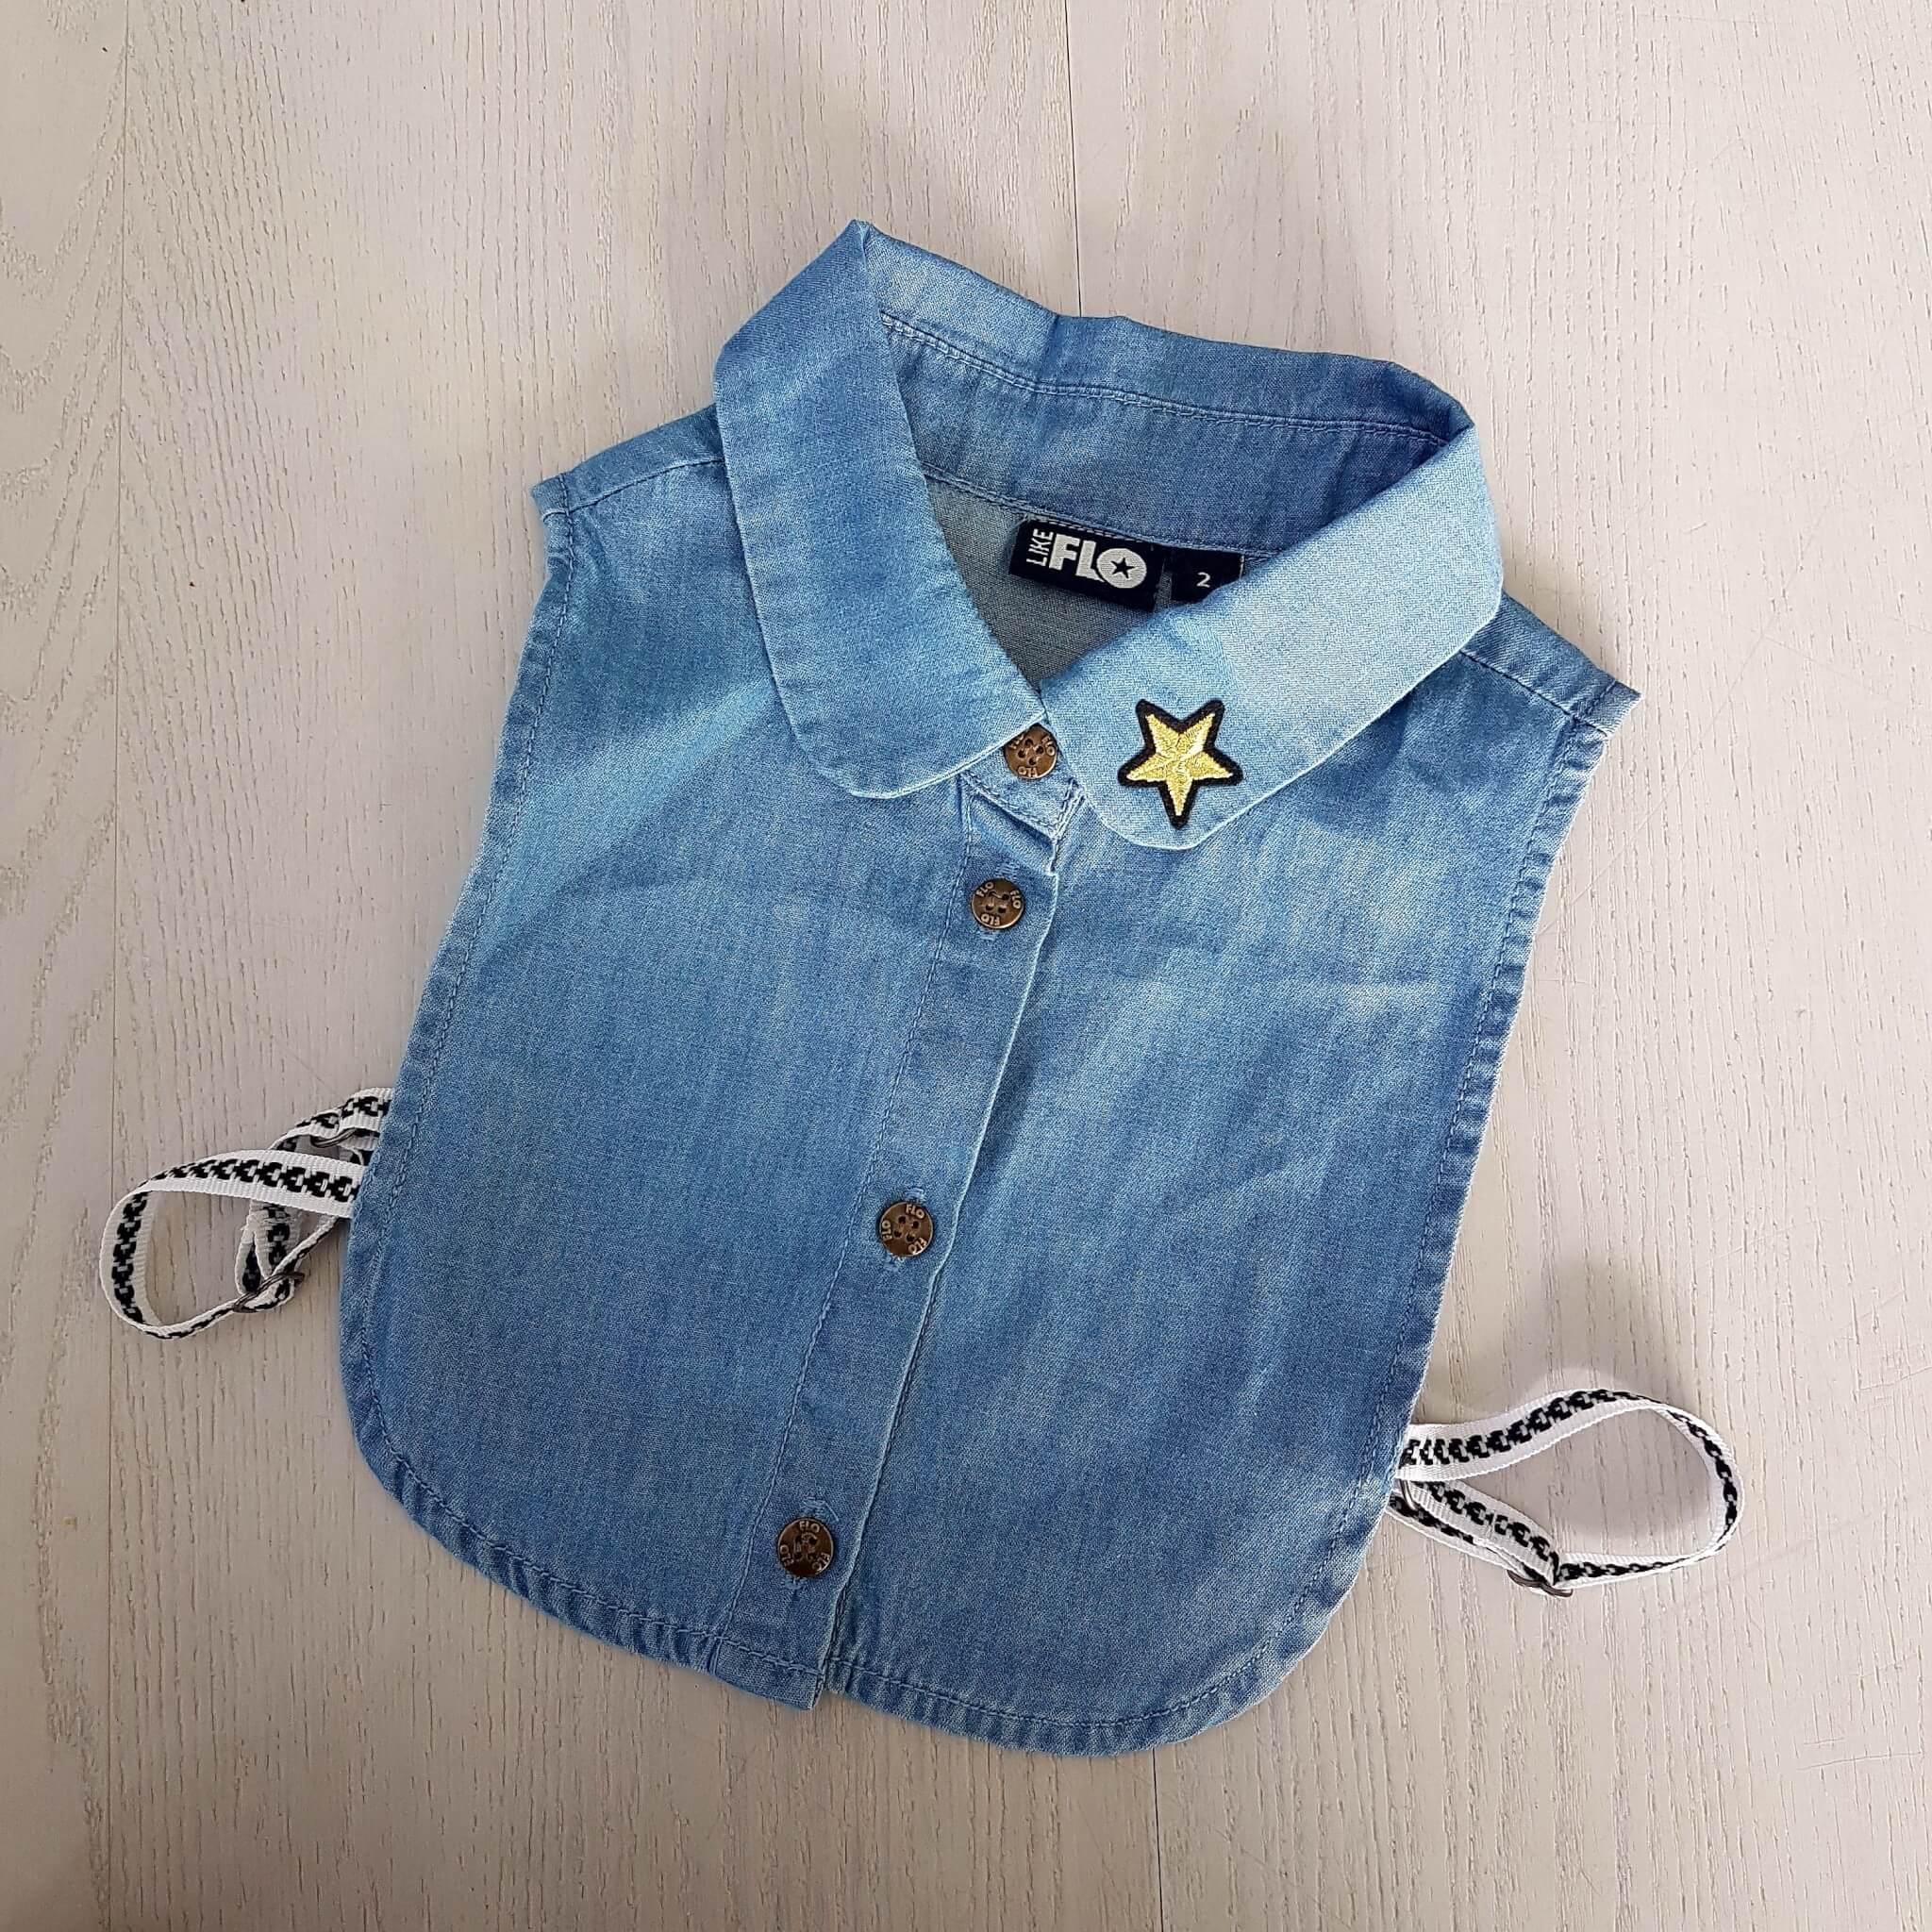 Kinderkleding trend: een los kraagje voor onder een trui of jurk - Like Flo